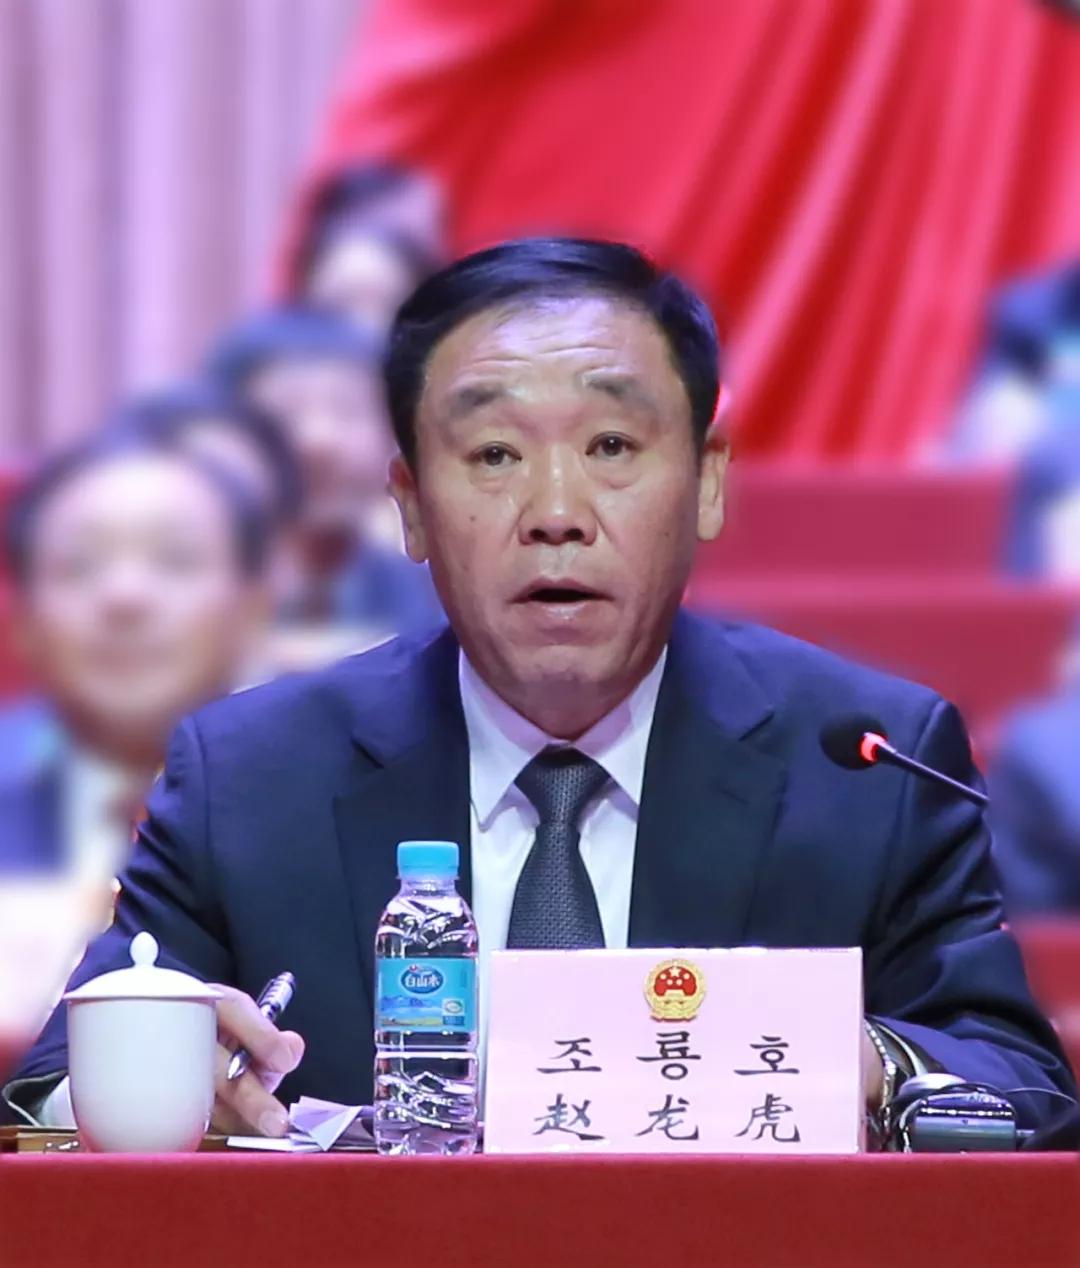 外交部回应美对华为提出新指控:无理打压不道德